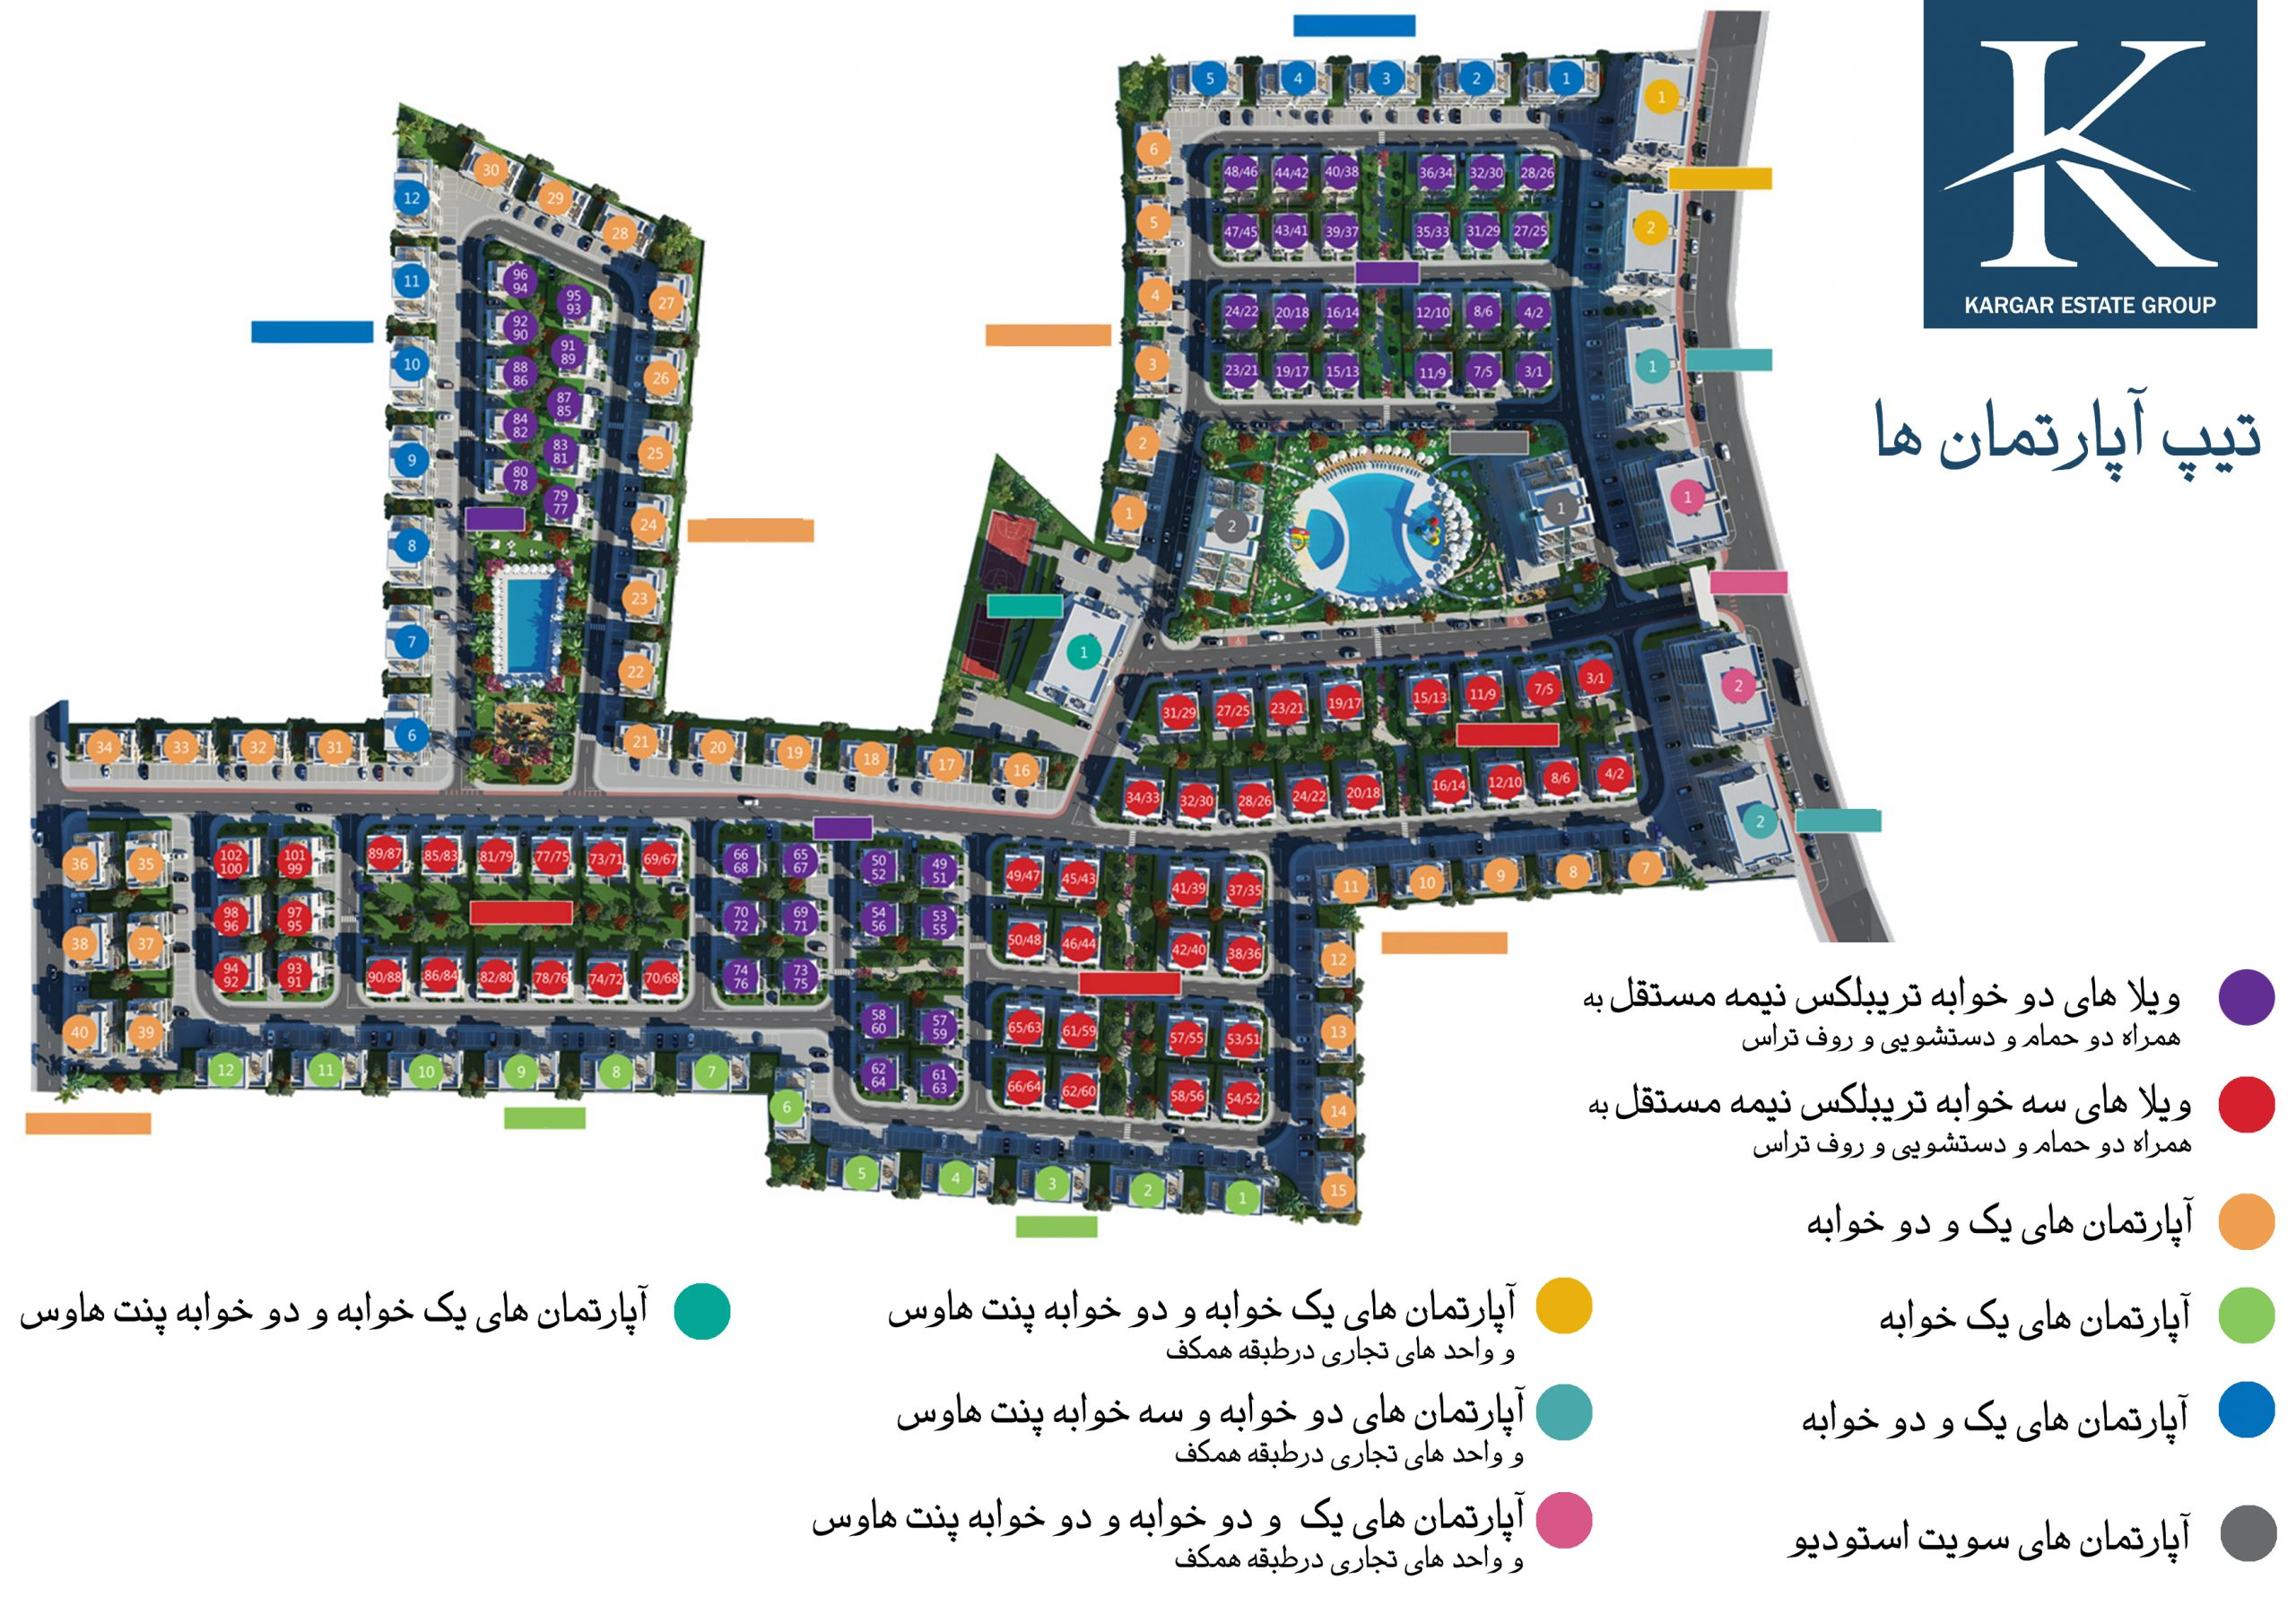 پلان کل پروژه شهرک مدرن